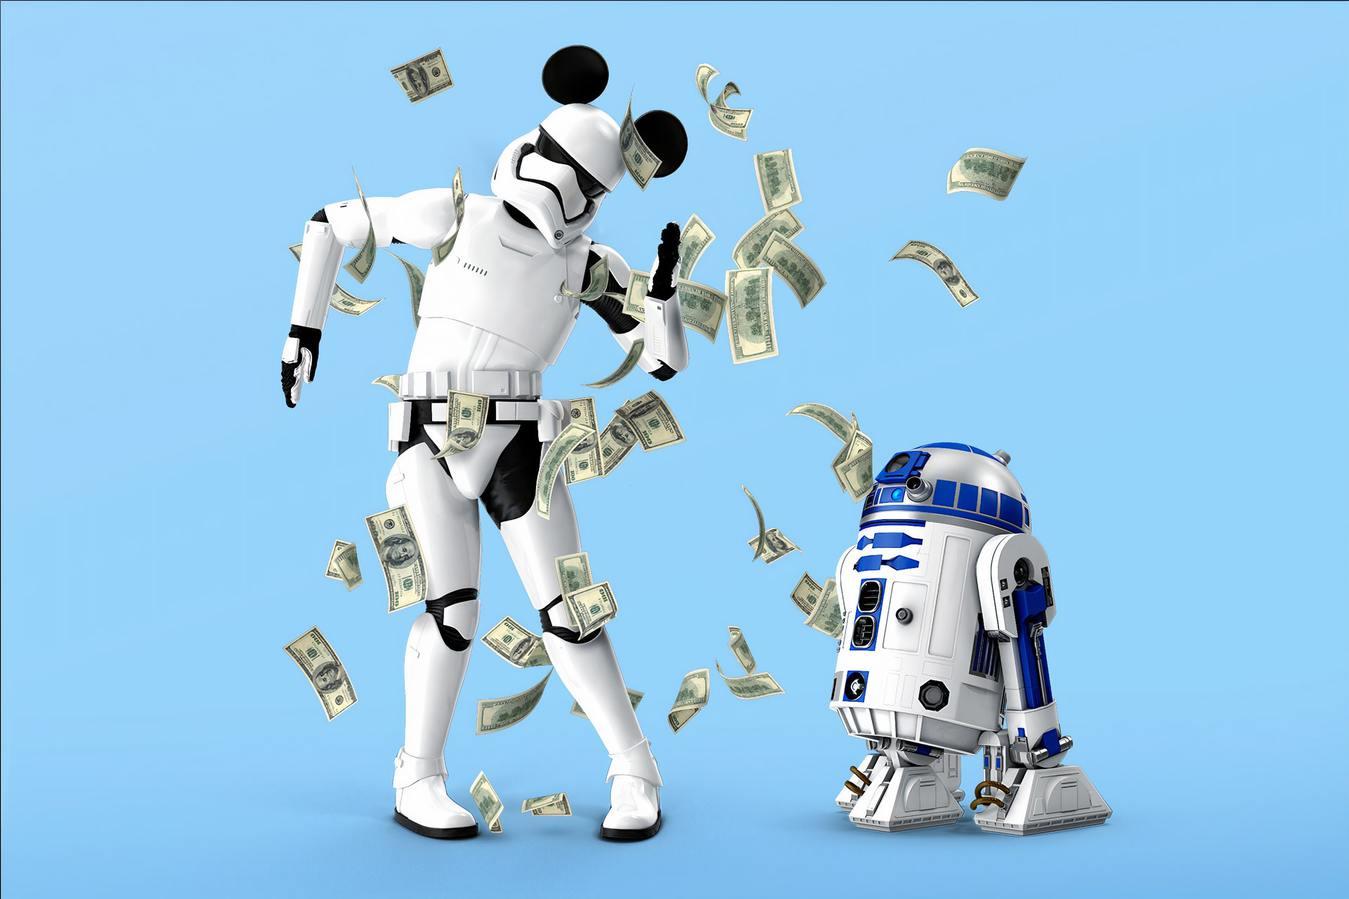 Robôs a dançar com dinheiro a cair